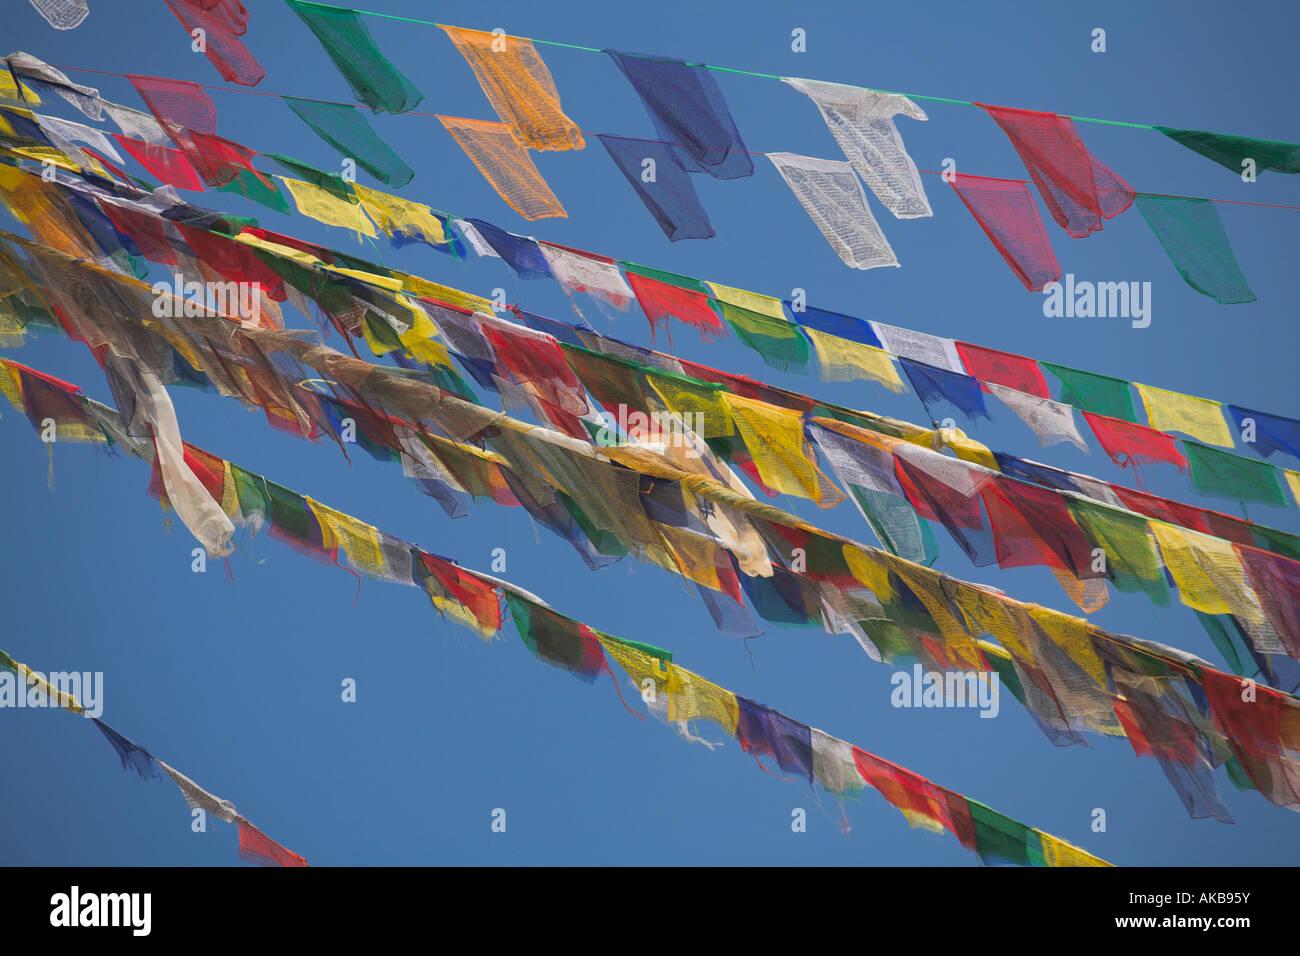 Nepal, Kathmandu, Prayer flags adorning stupa at Bodhnath Buddhist stupa, Lhosar Tibetan and Sherpa New Year festival, - Stock Image